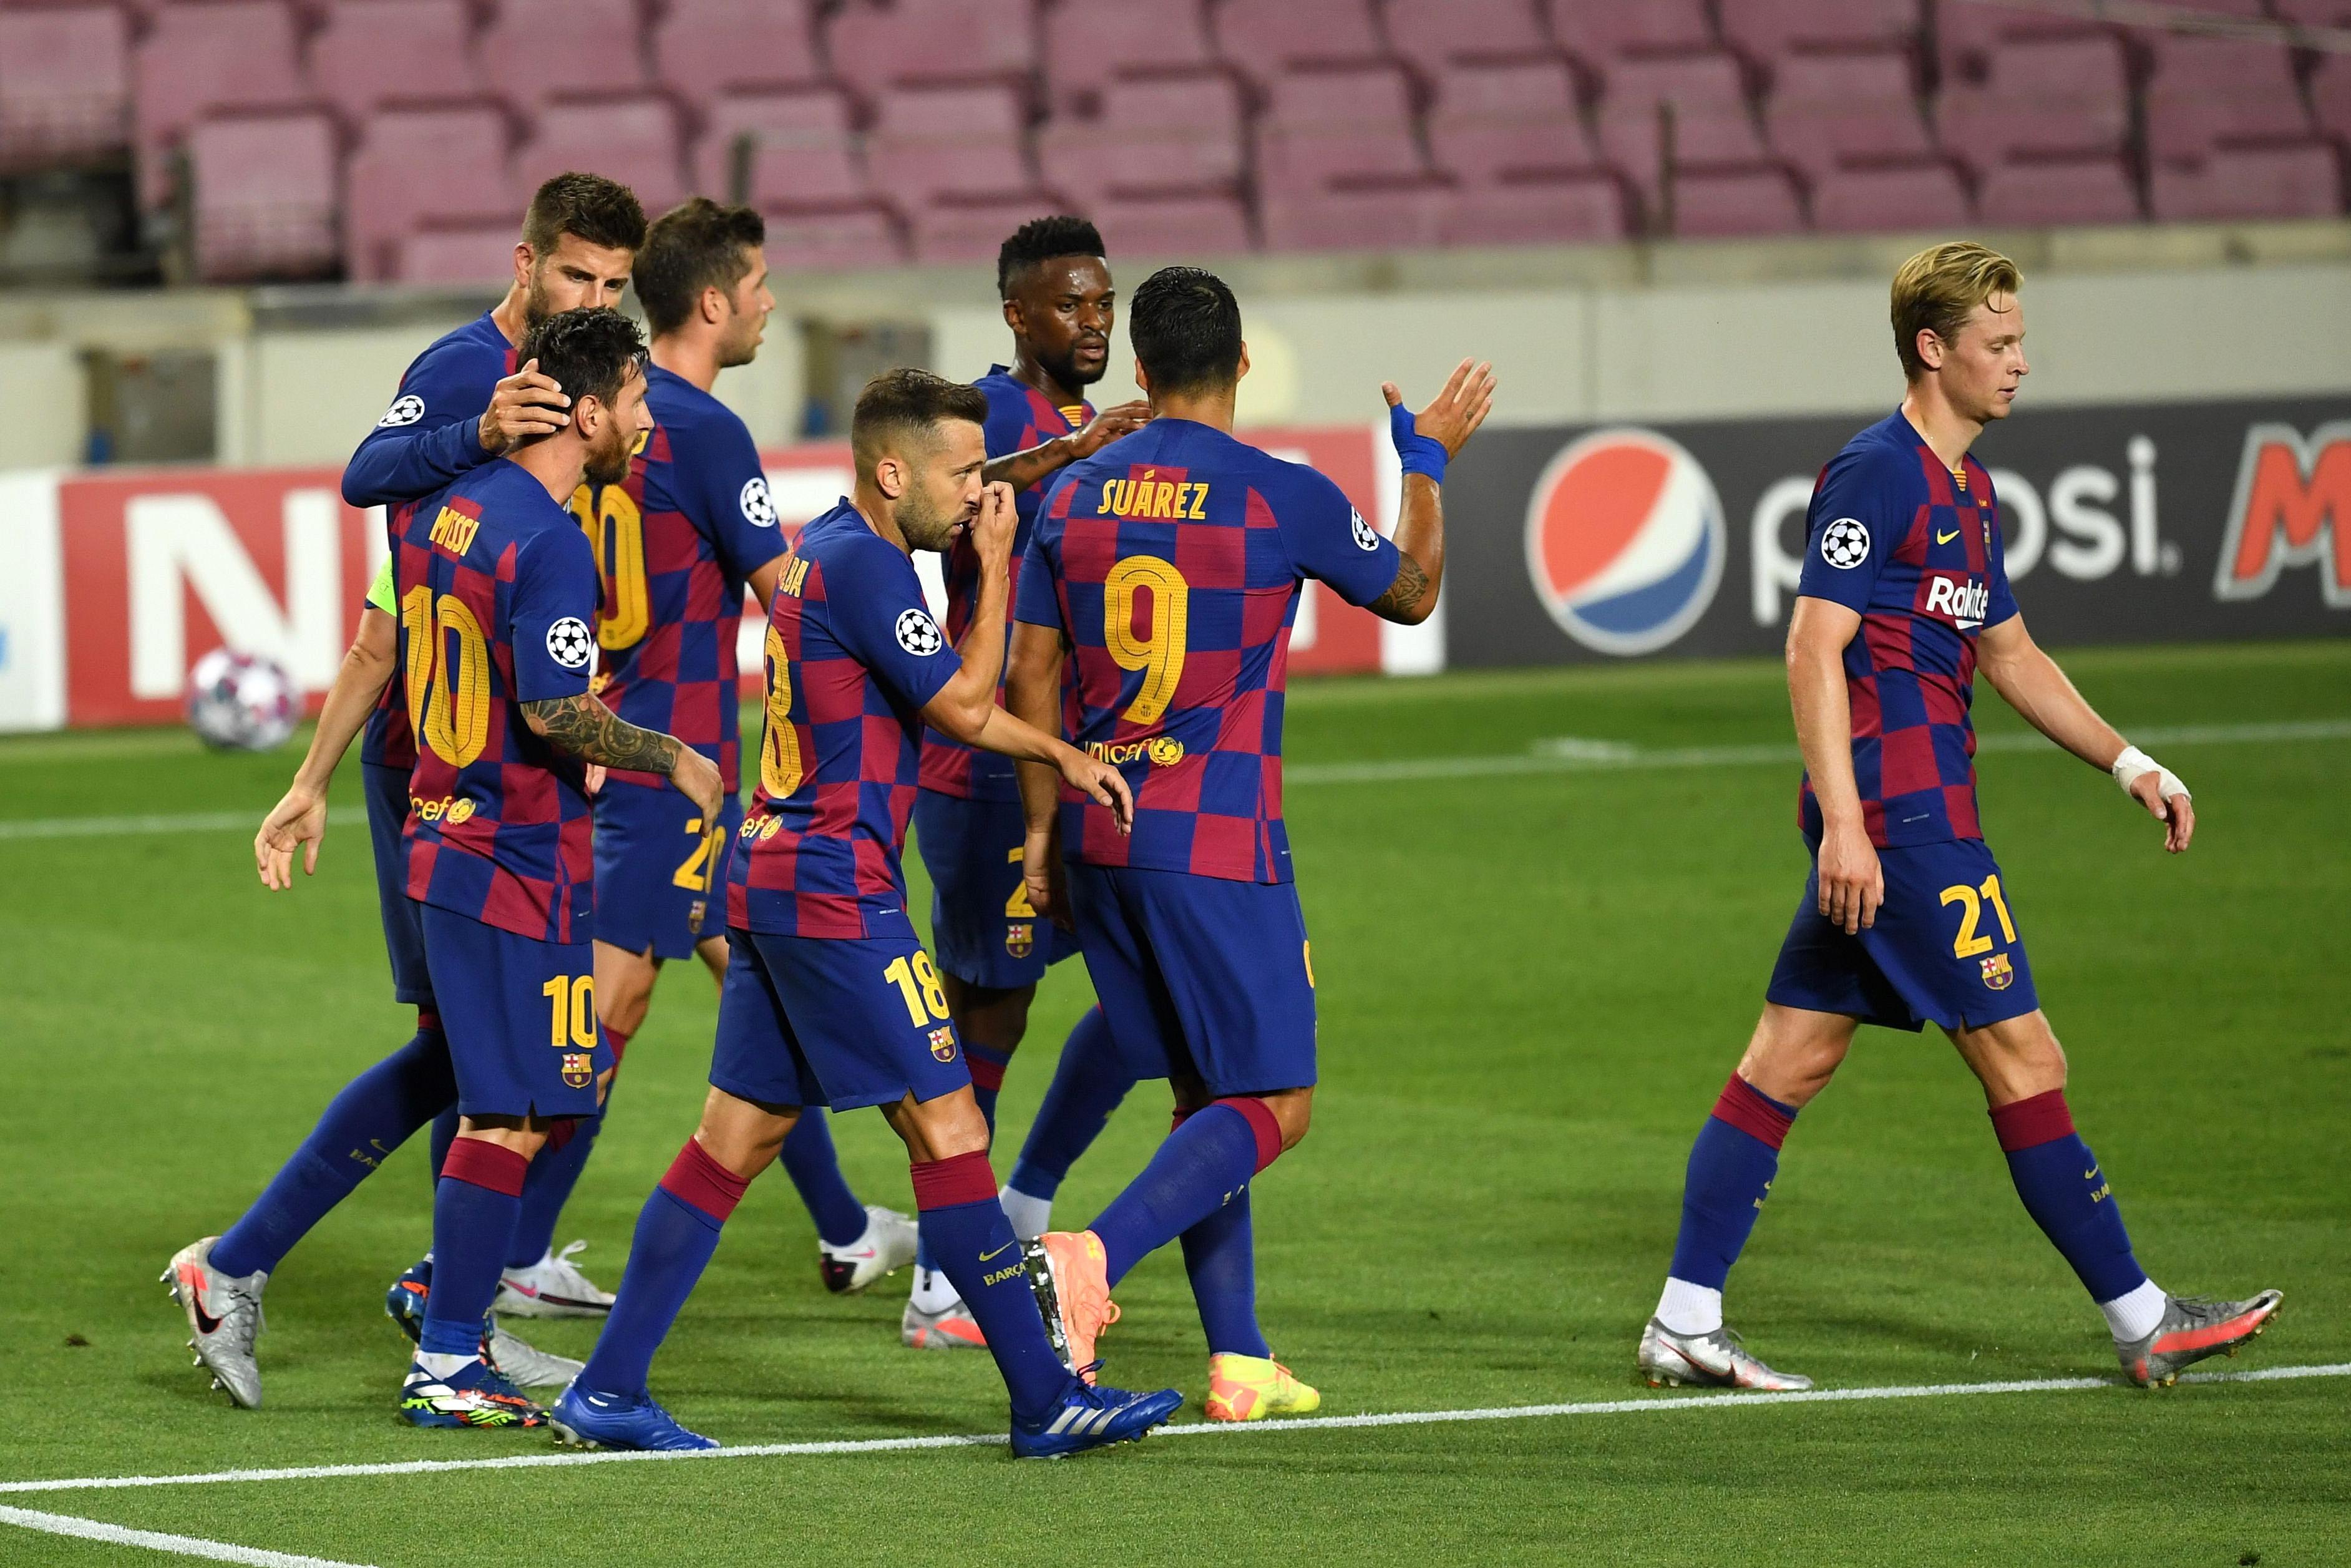 Треньорът на Барселона Кике Сетиен е изготвил план, с който